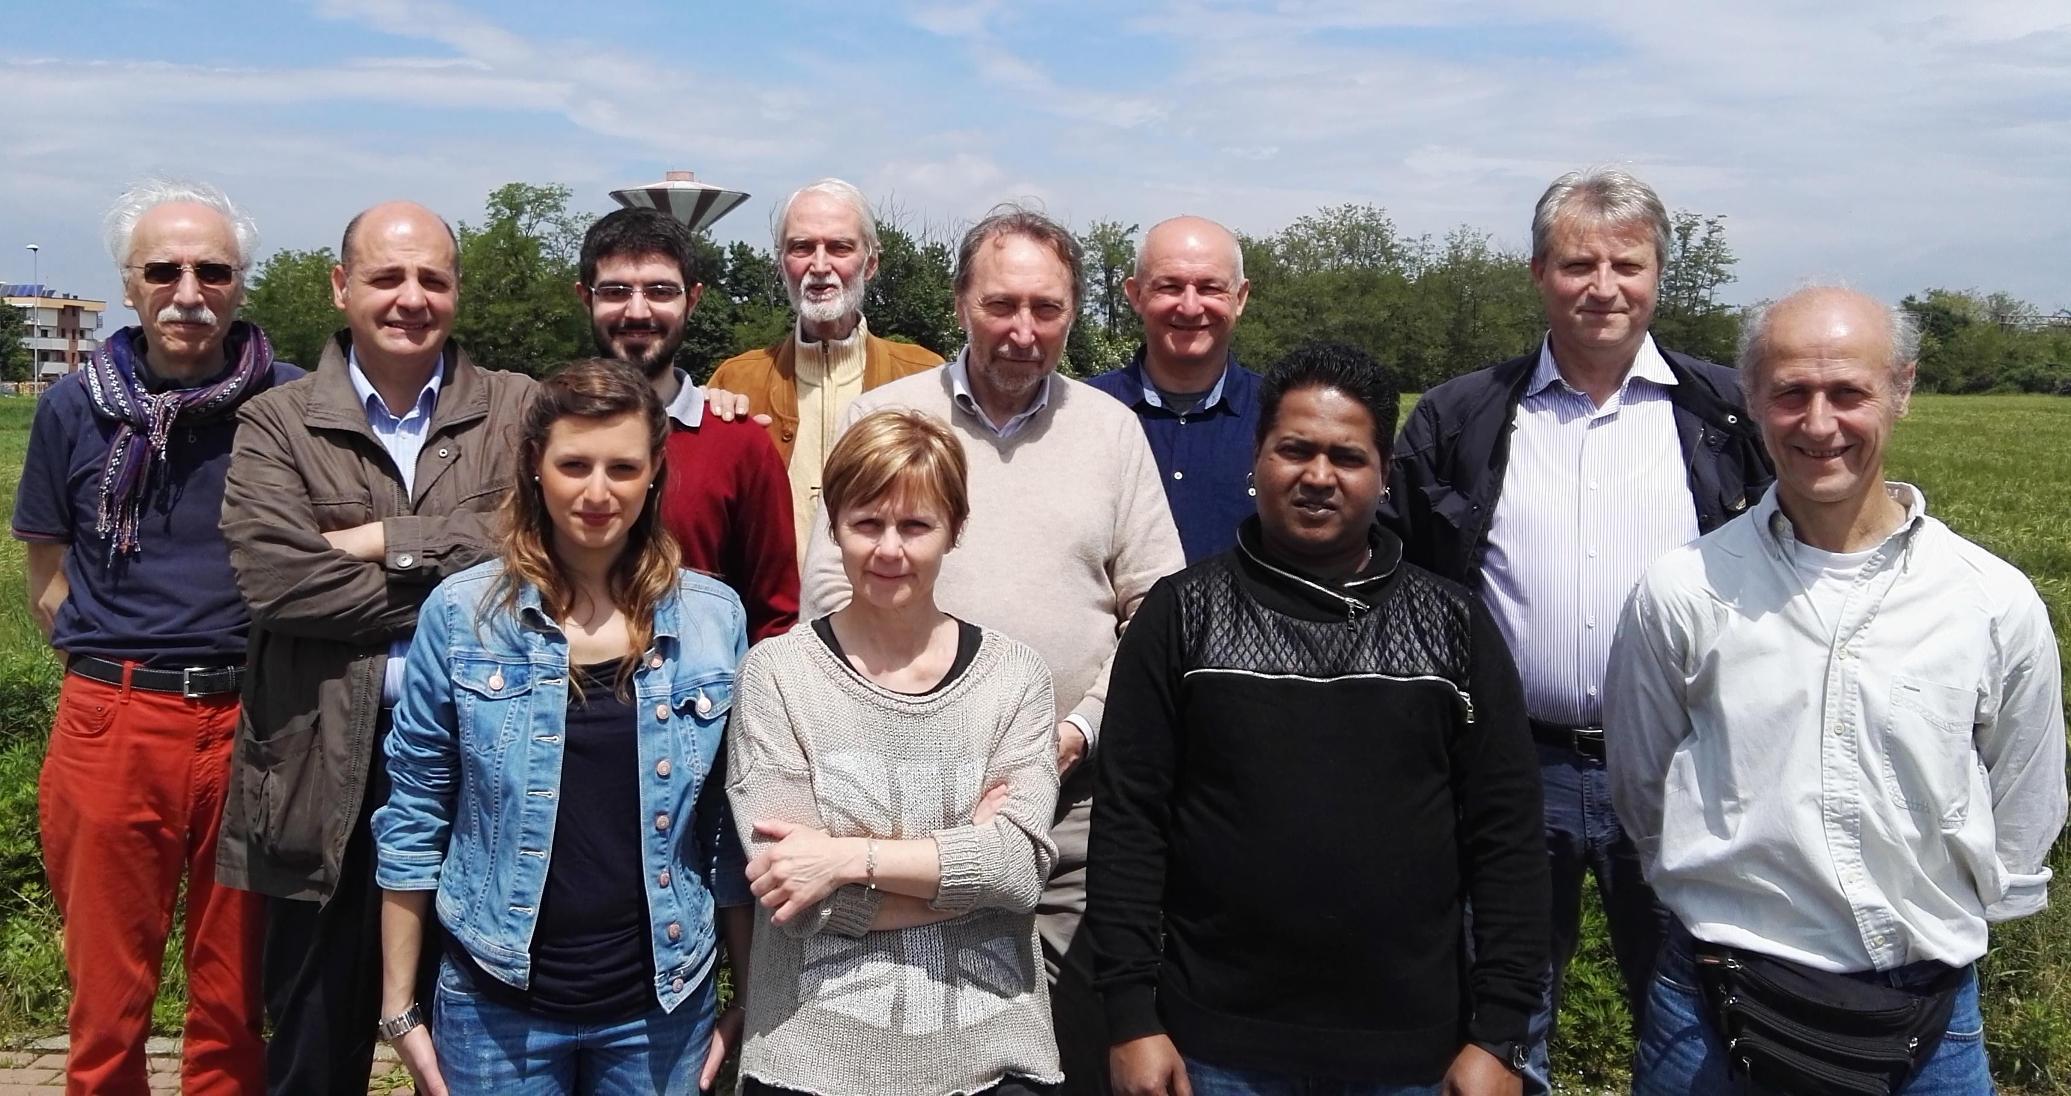 foto gruppo UCS rid